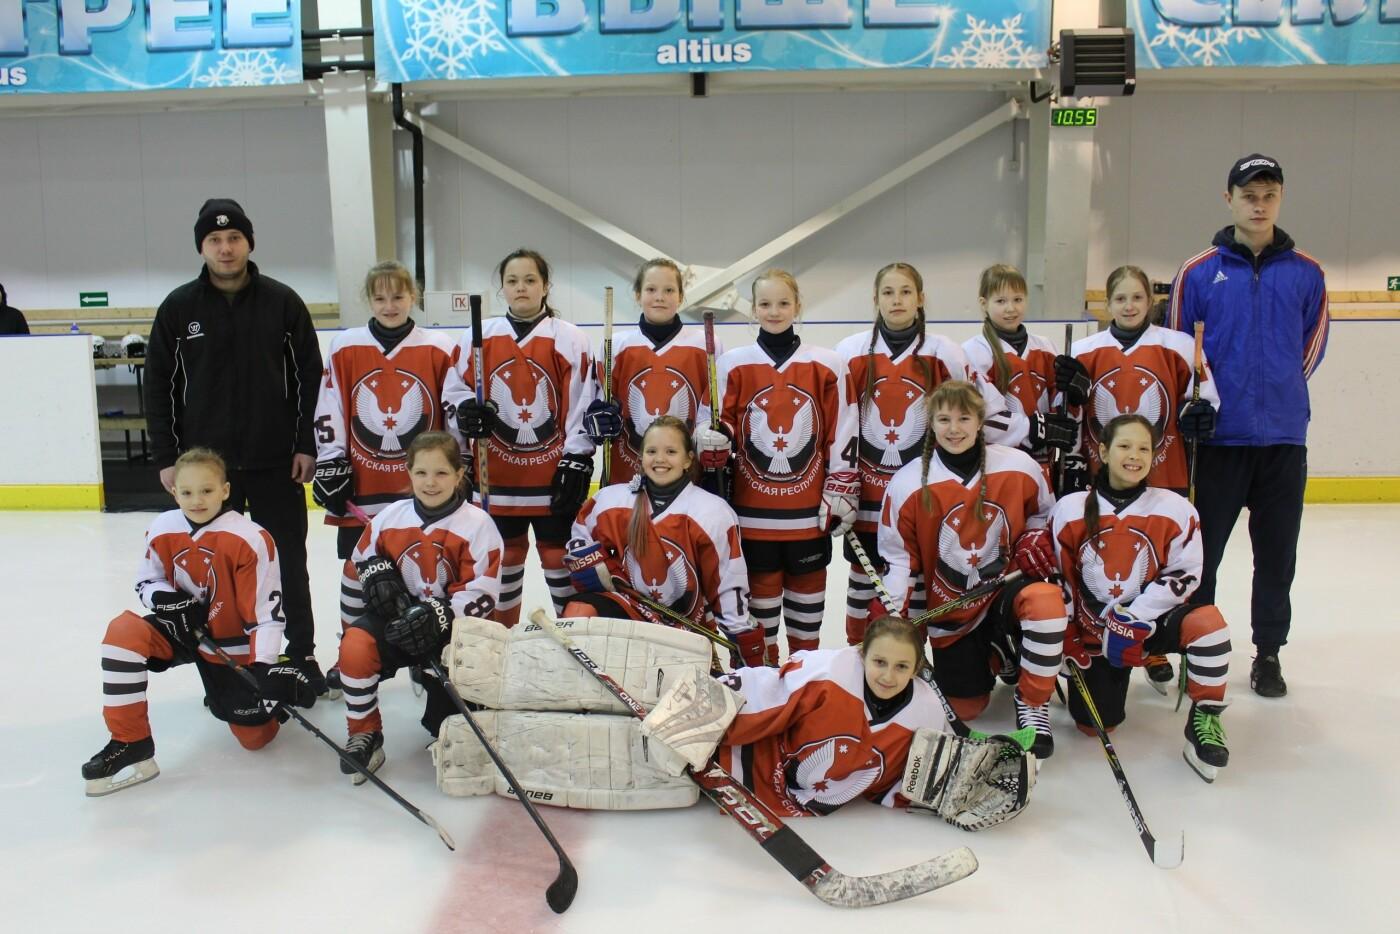 Хоккейная команда девочек из Удмуртии впервые принимает участие в турнире «Золотая шайба», фото-1